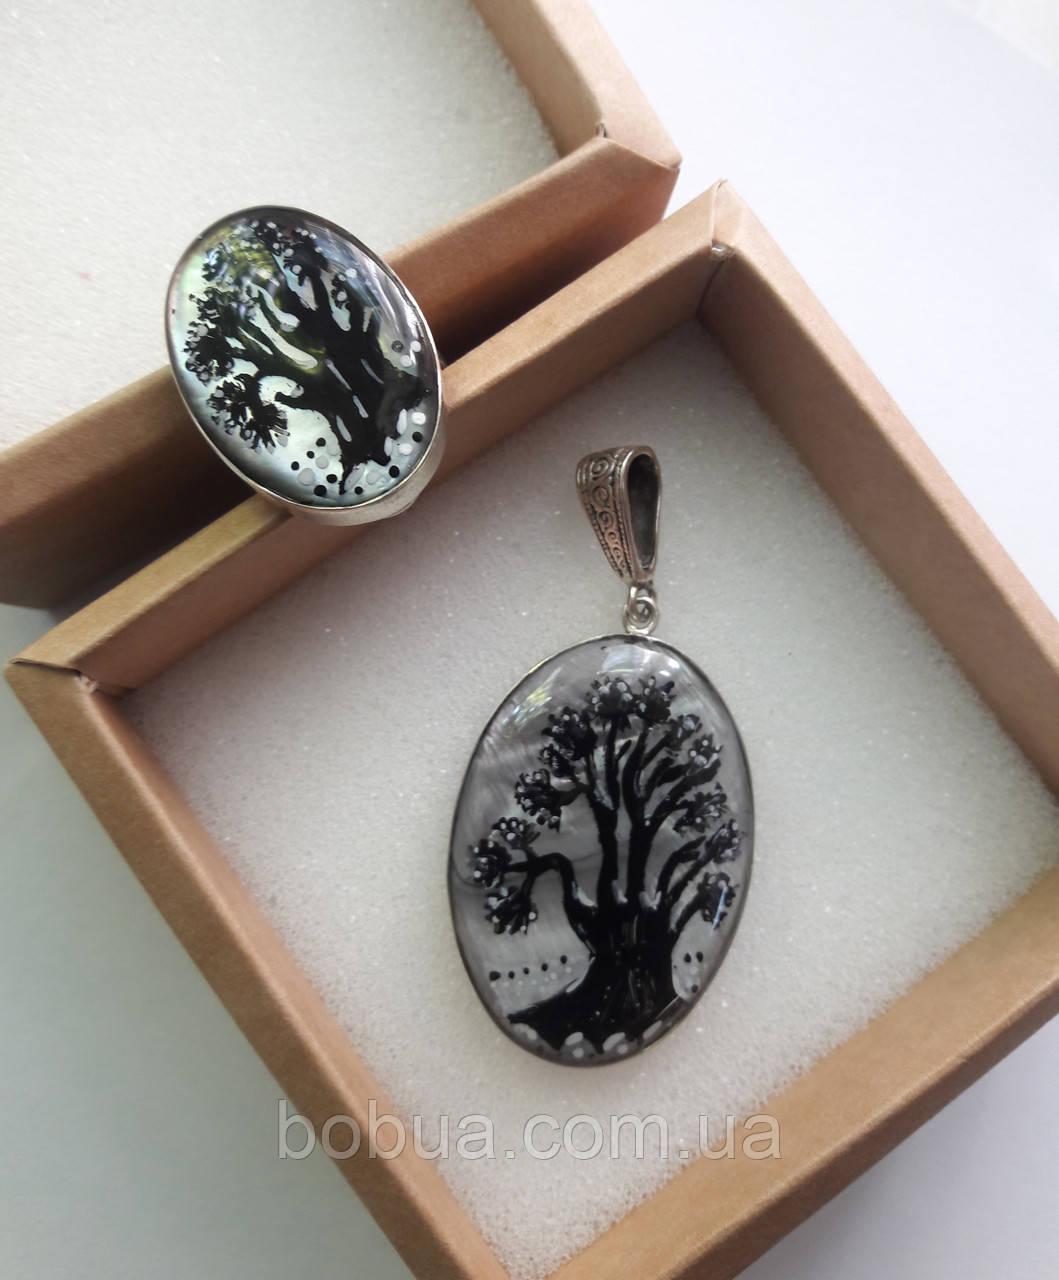 Комплект: кольцо и  кулон в серебре